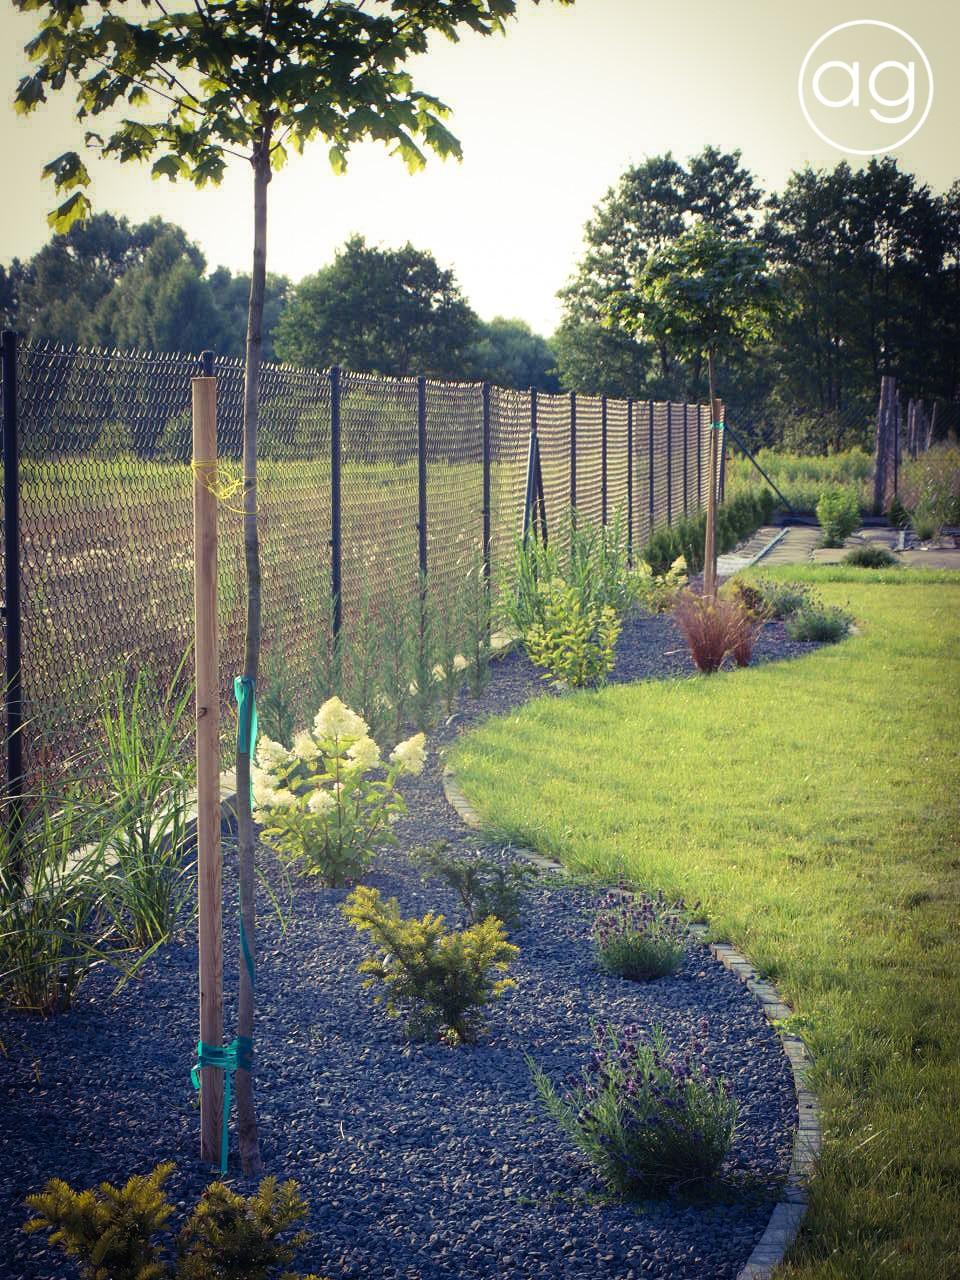 Ogród wZłotorii, projektowanie ogrodów, Agnieszka Gertner, agnieszkagertnerblog, realizacja projektu